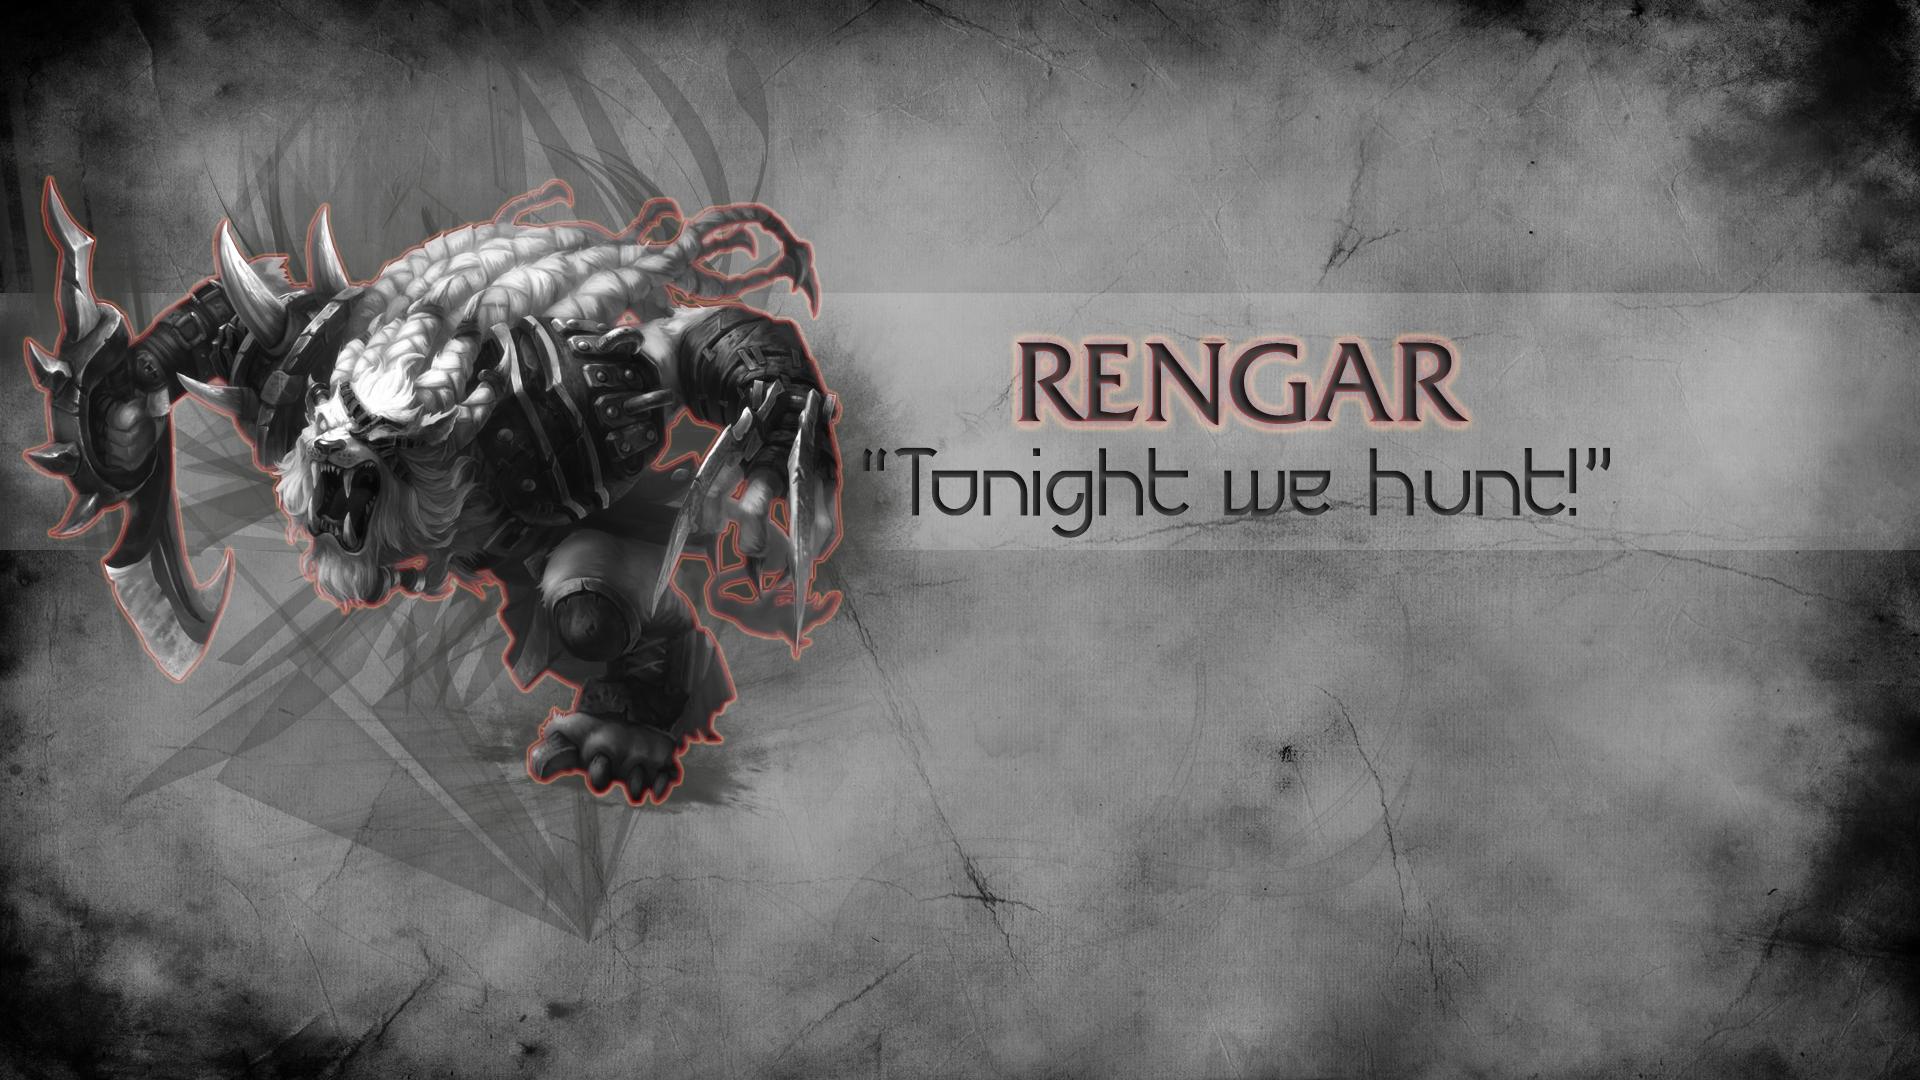 rengar series 2 by dwindlekin watch fan art wallpaper games 2013 2015 1920x1080